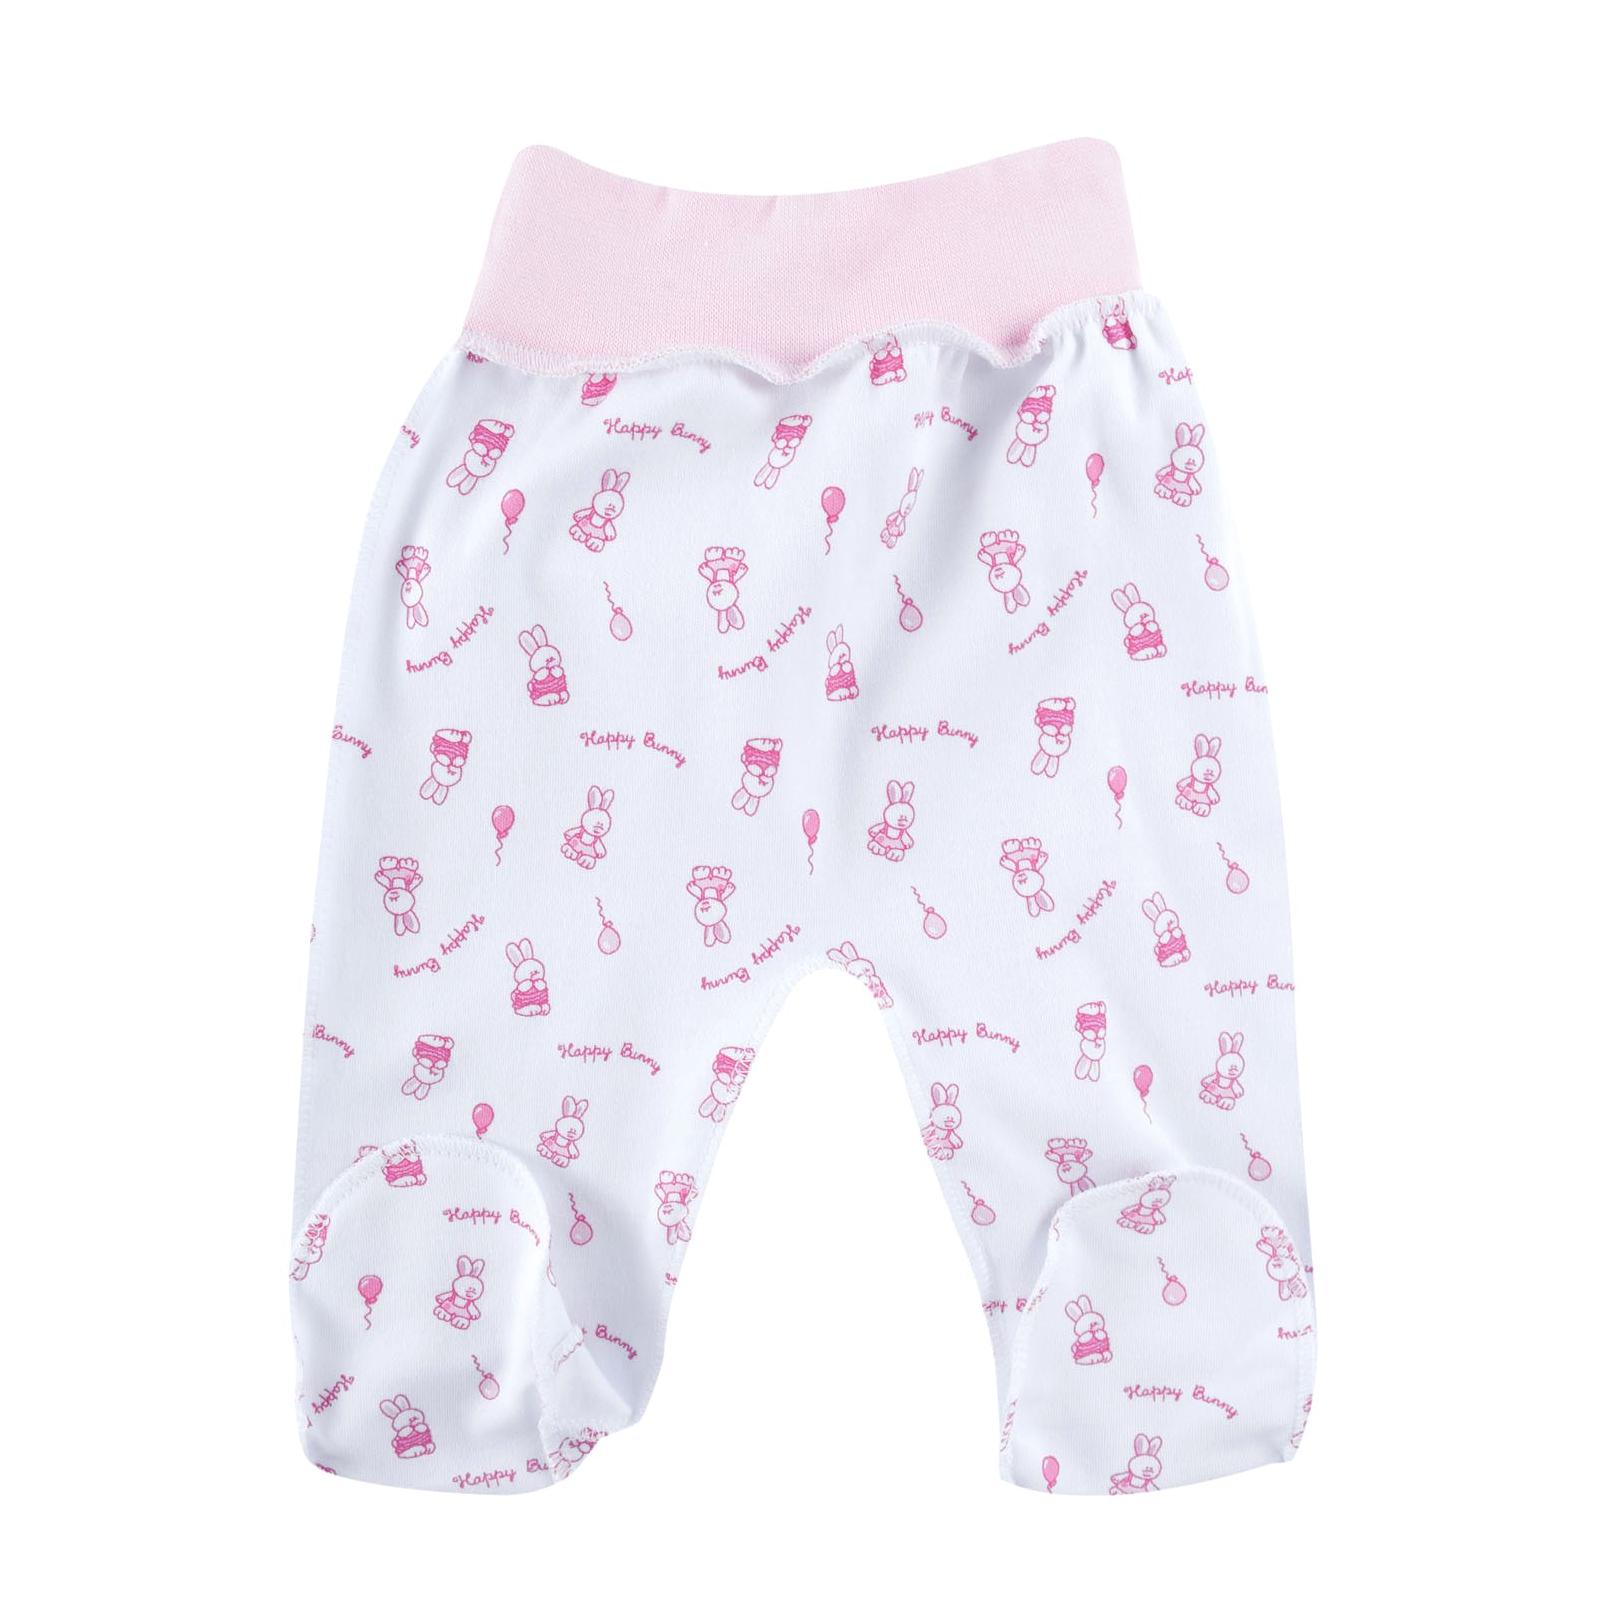 Ползунки на поясе КОТМАРКОТ для девочки, цвет розовый 3-6 мес (размер 68)